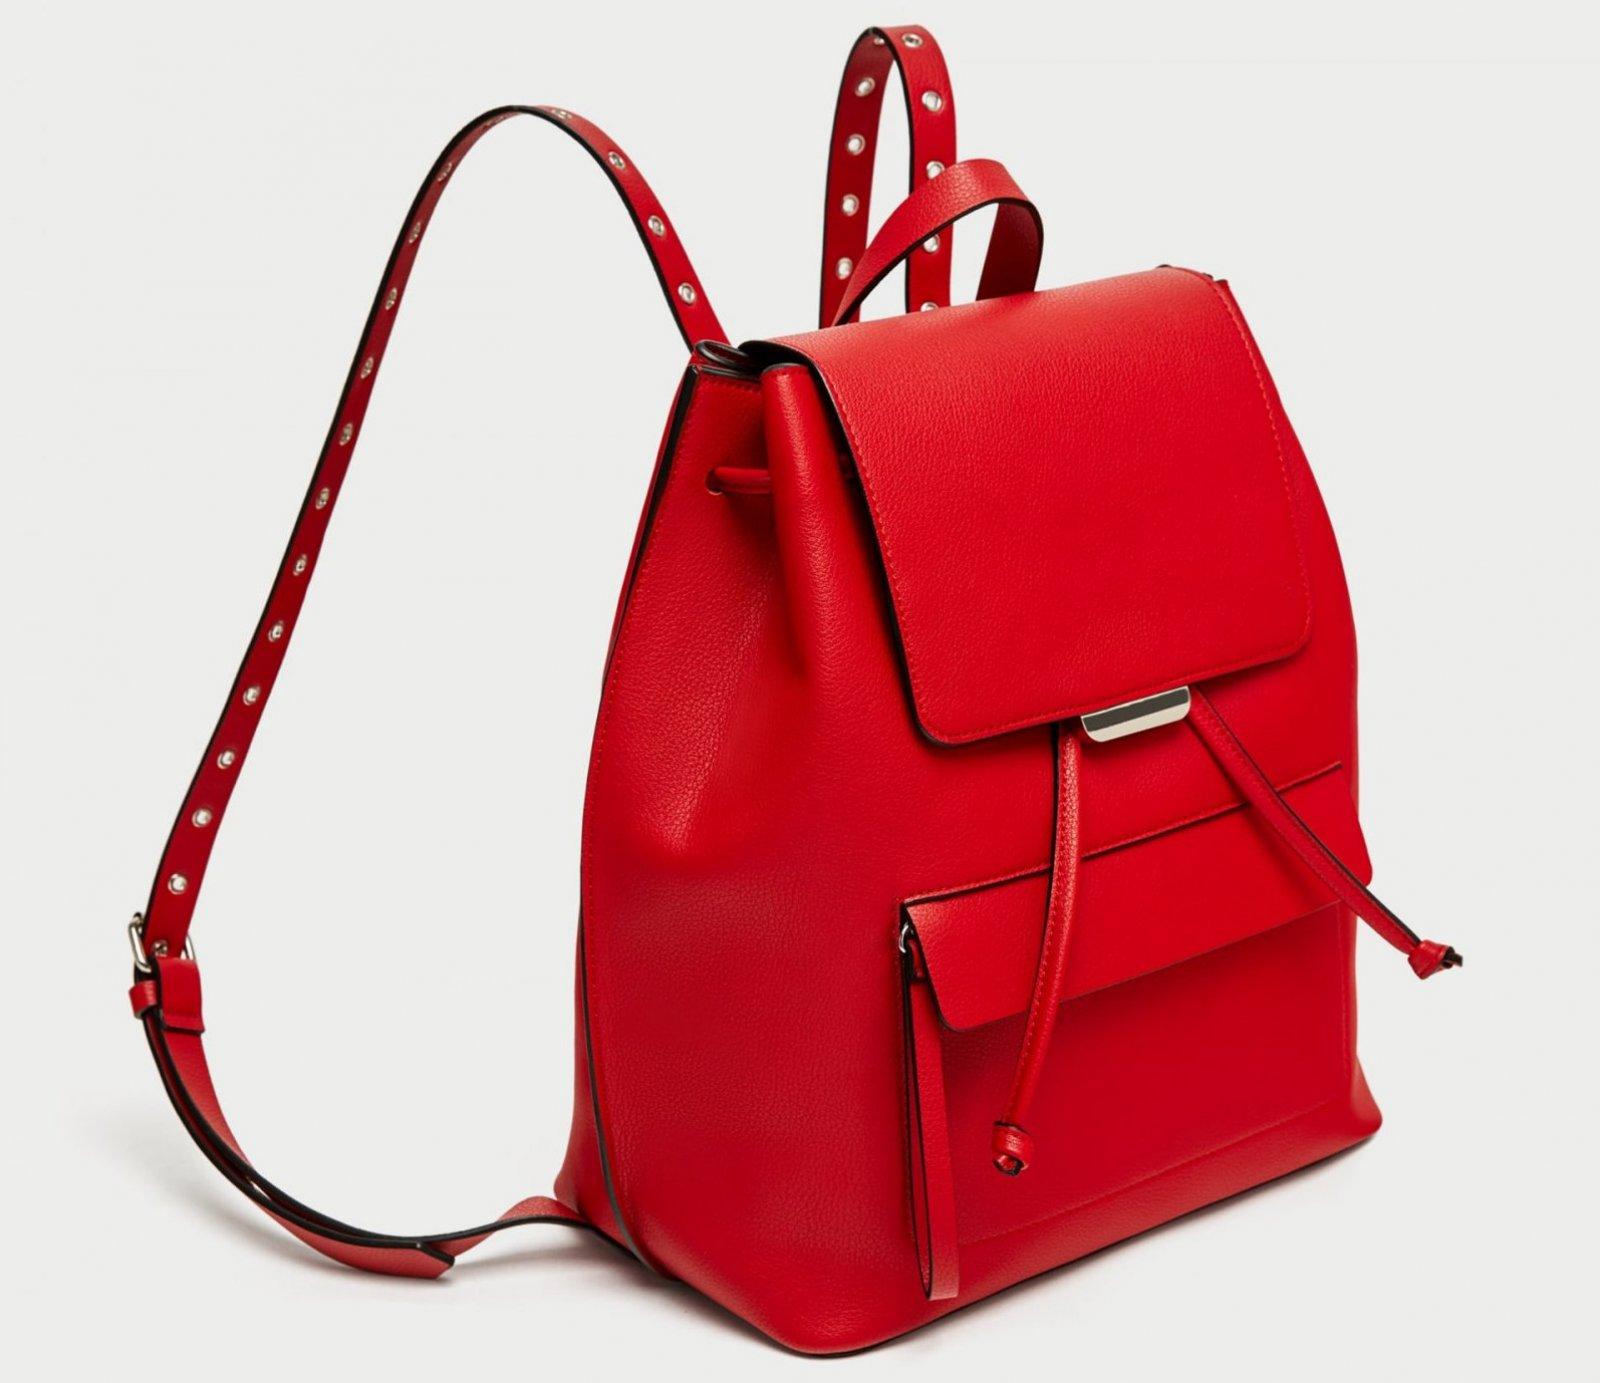 Bolso mochila ollados de color rojo de Zara, por 5,99 euros (antes 19,95)